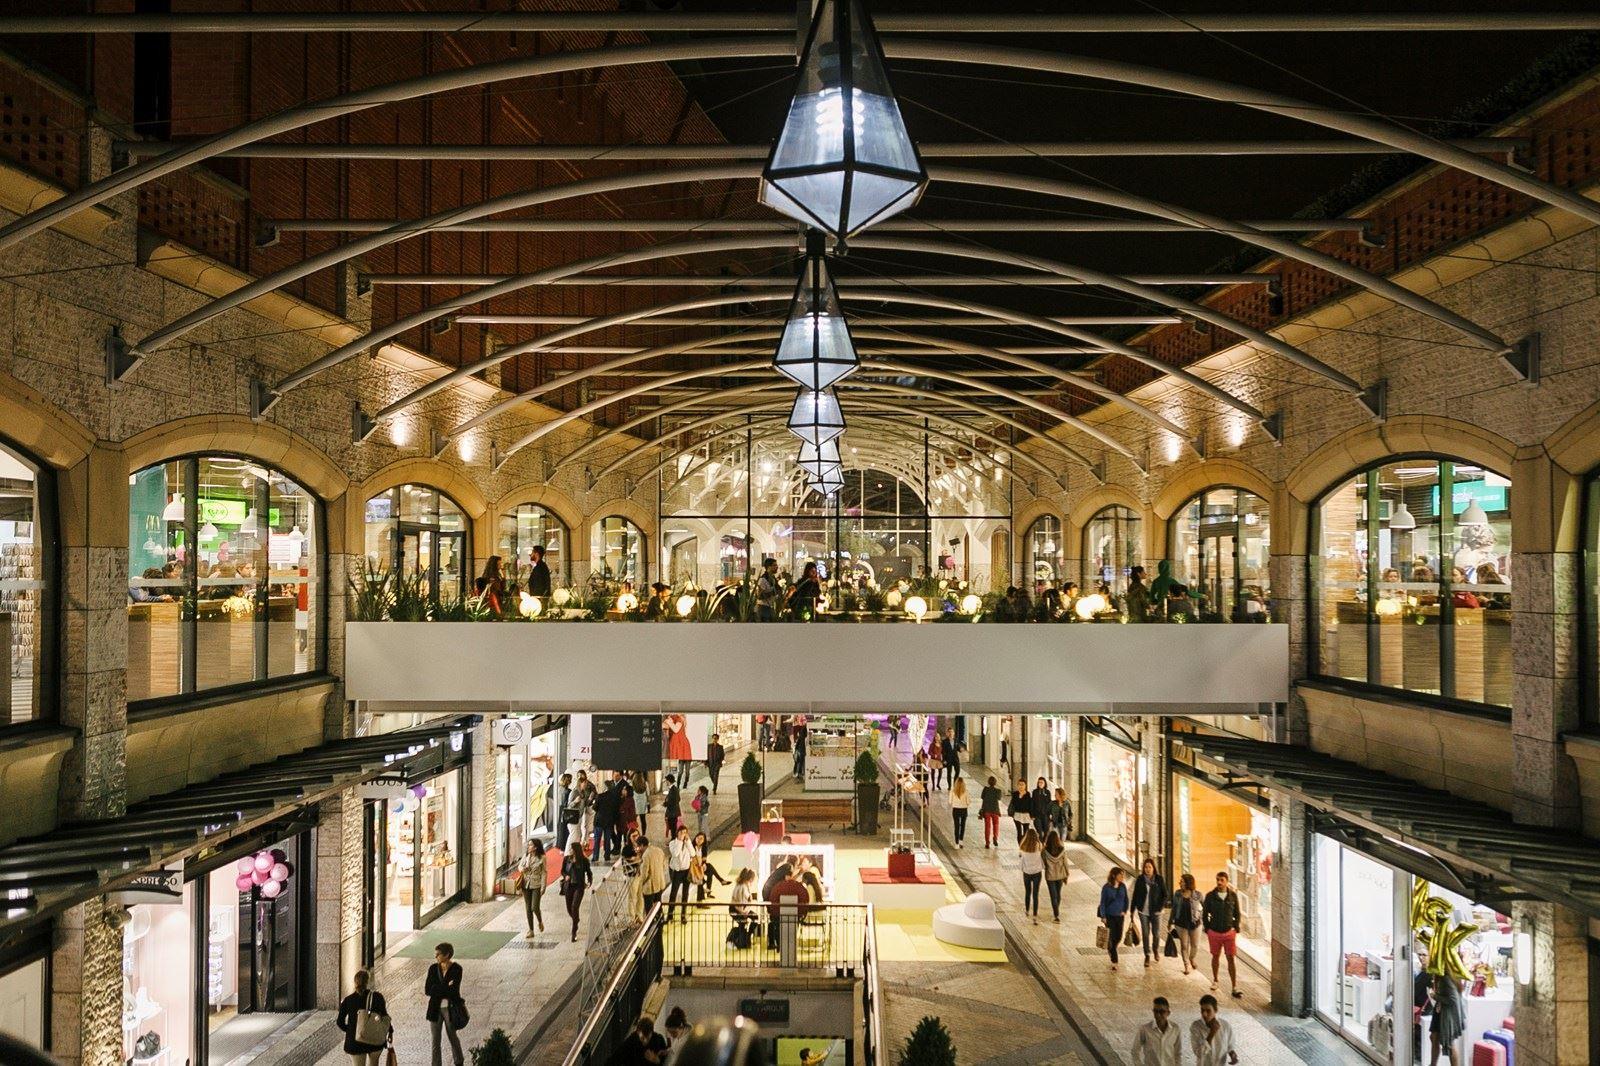 Торговый центр в Авейру, Португалия